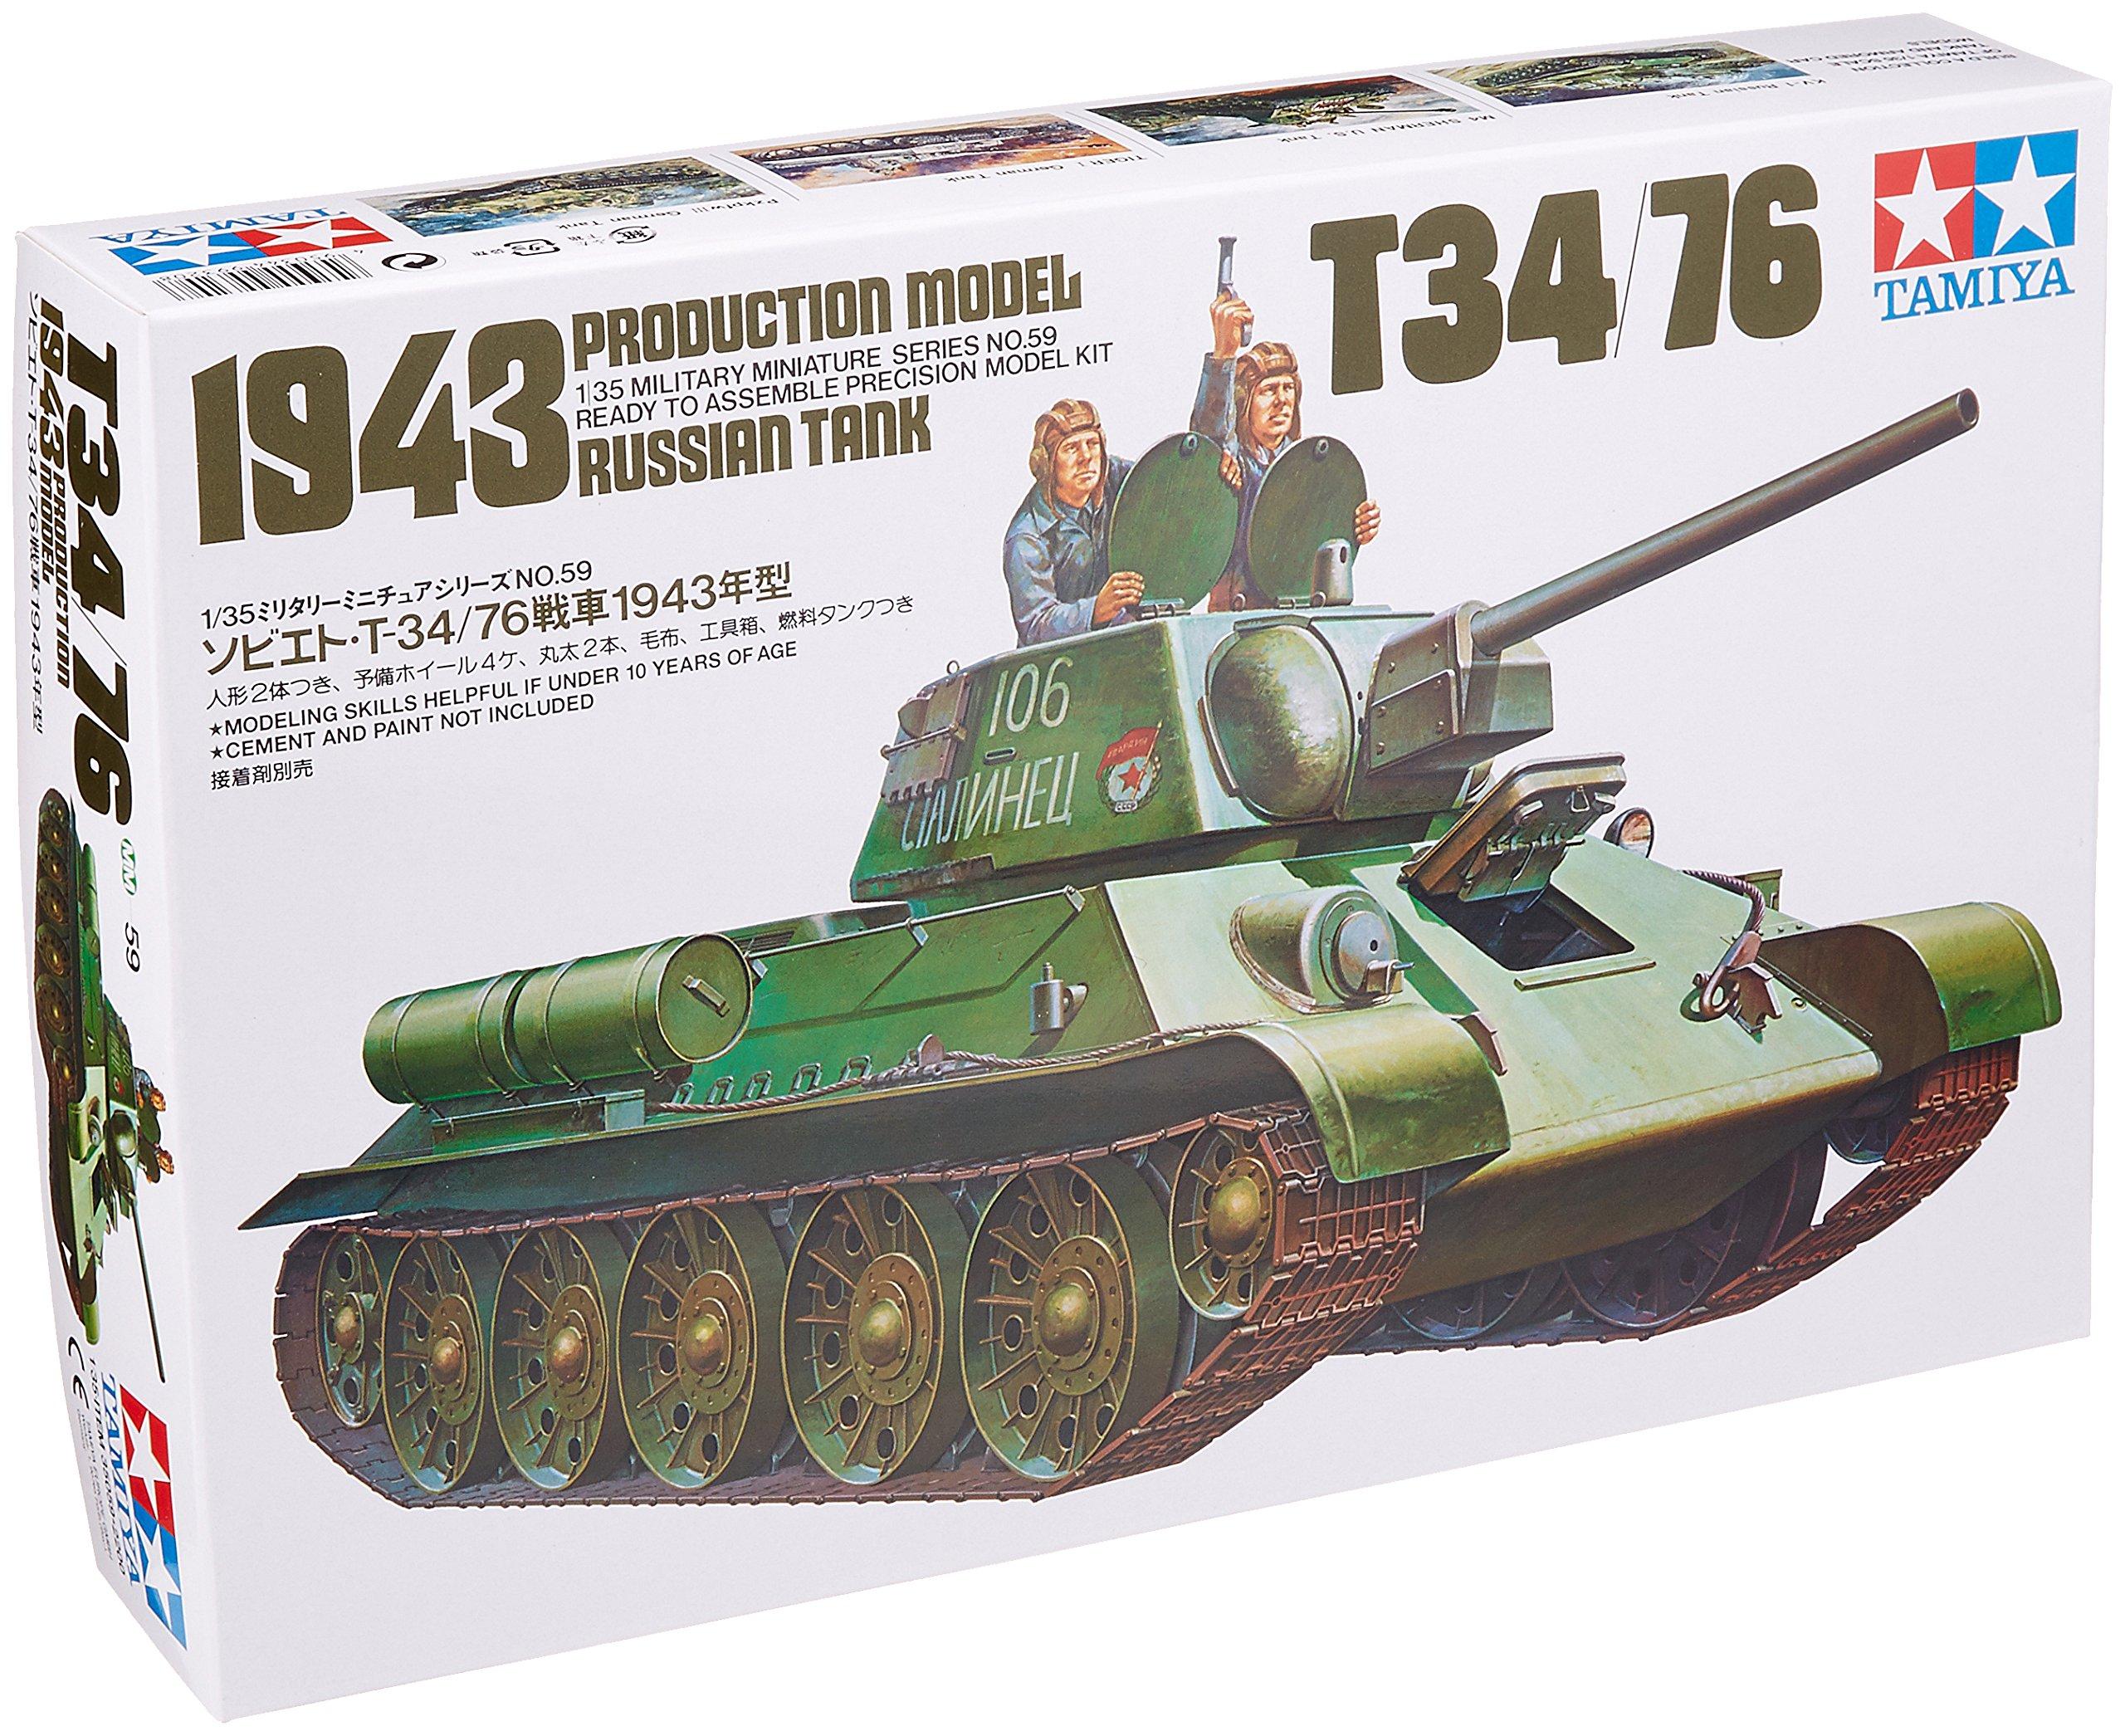 Tamiya - Maqueta de Tanque Escala 1:35 [Importado de Alemania]: Amazon.es: Juguetes y juegos